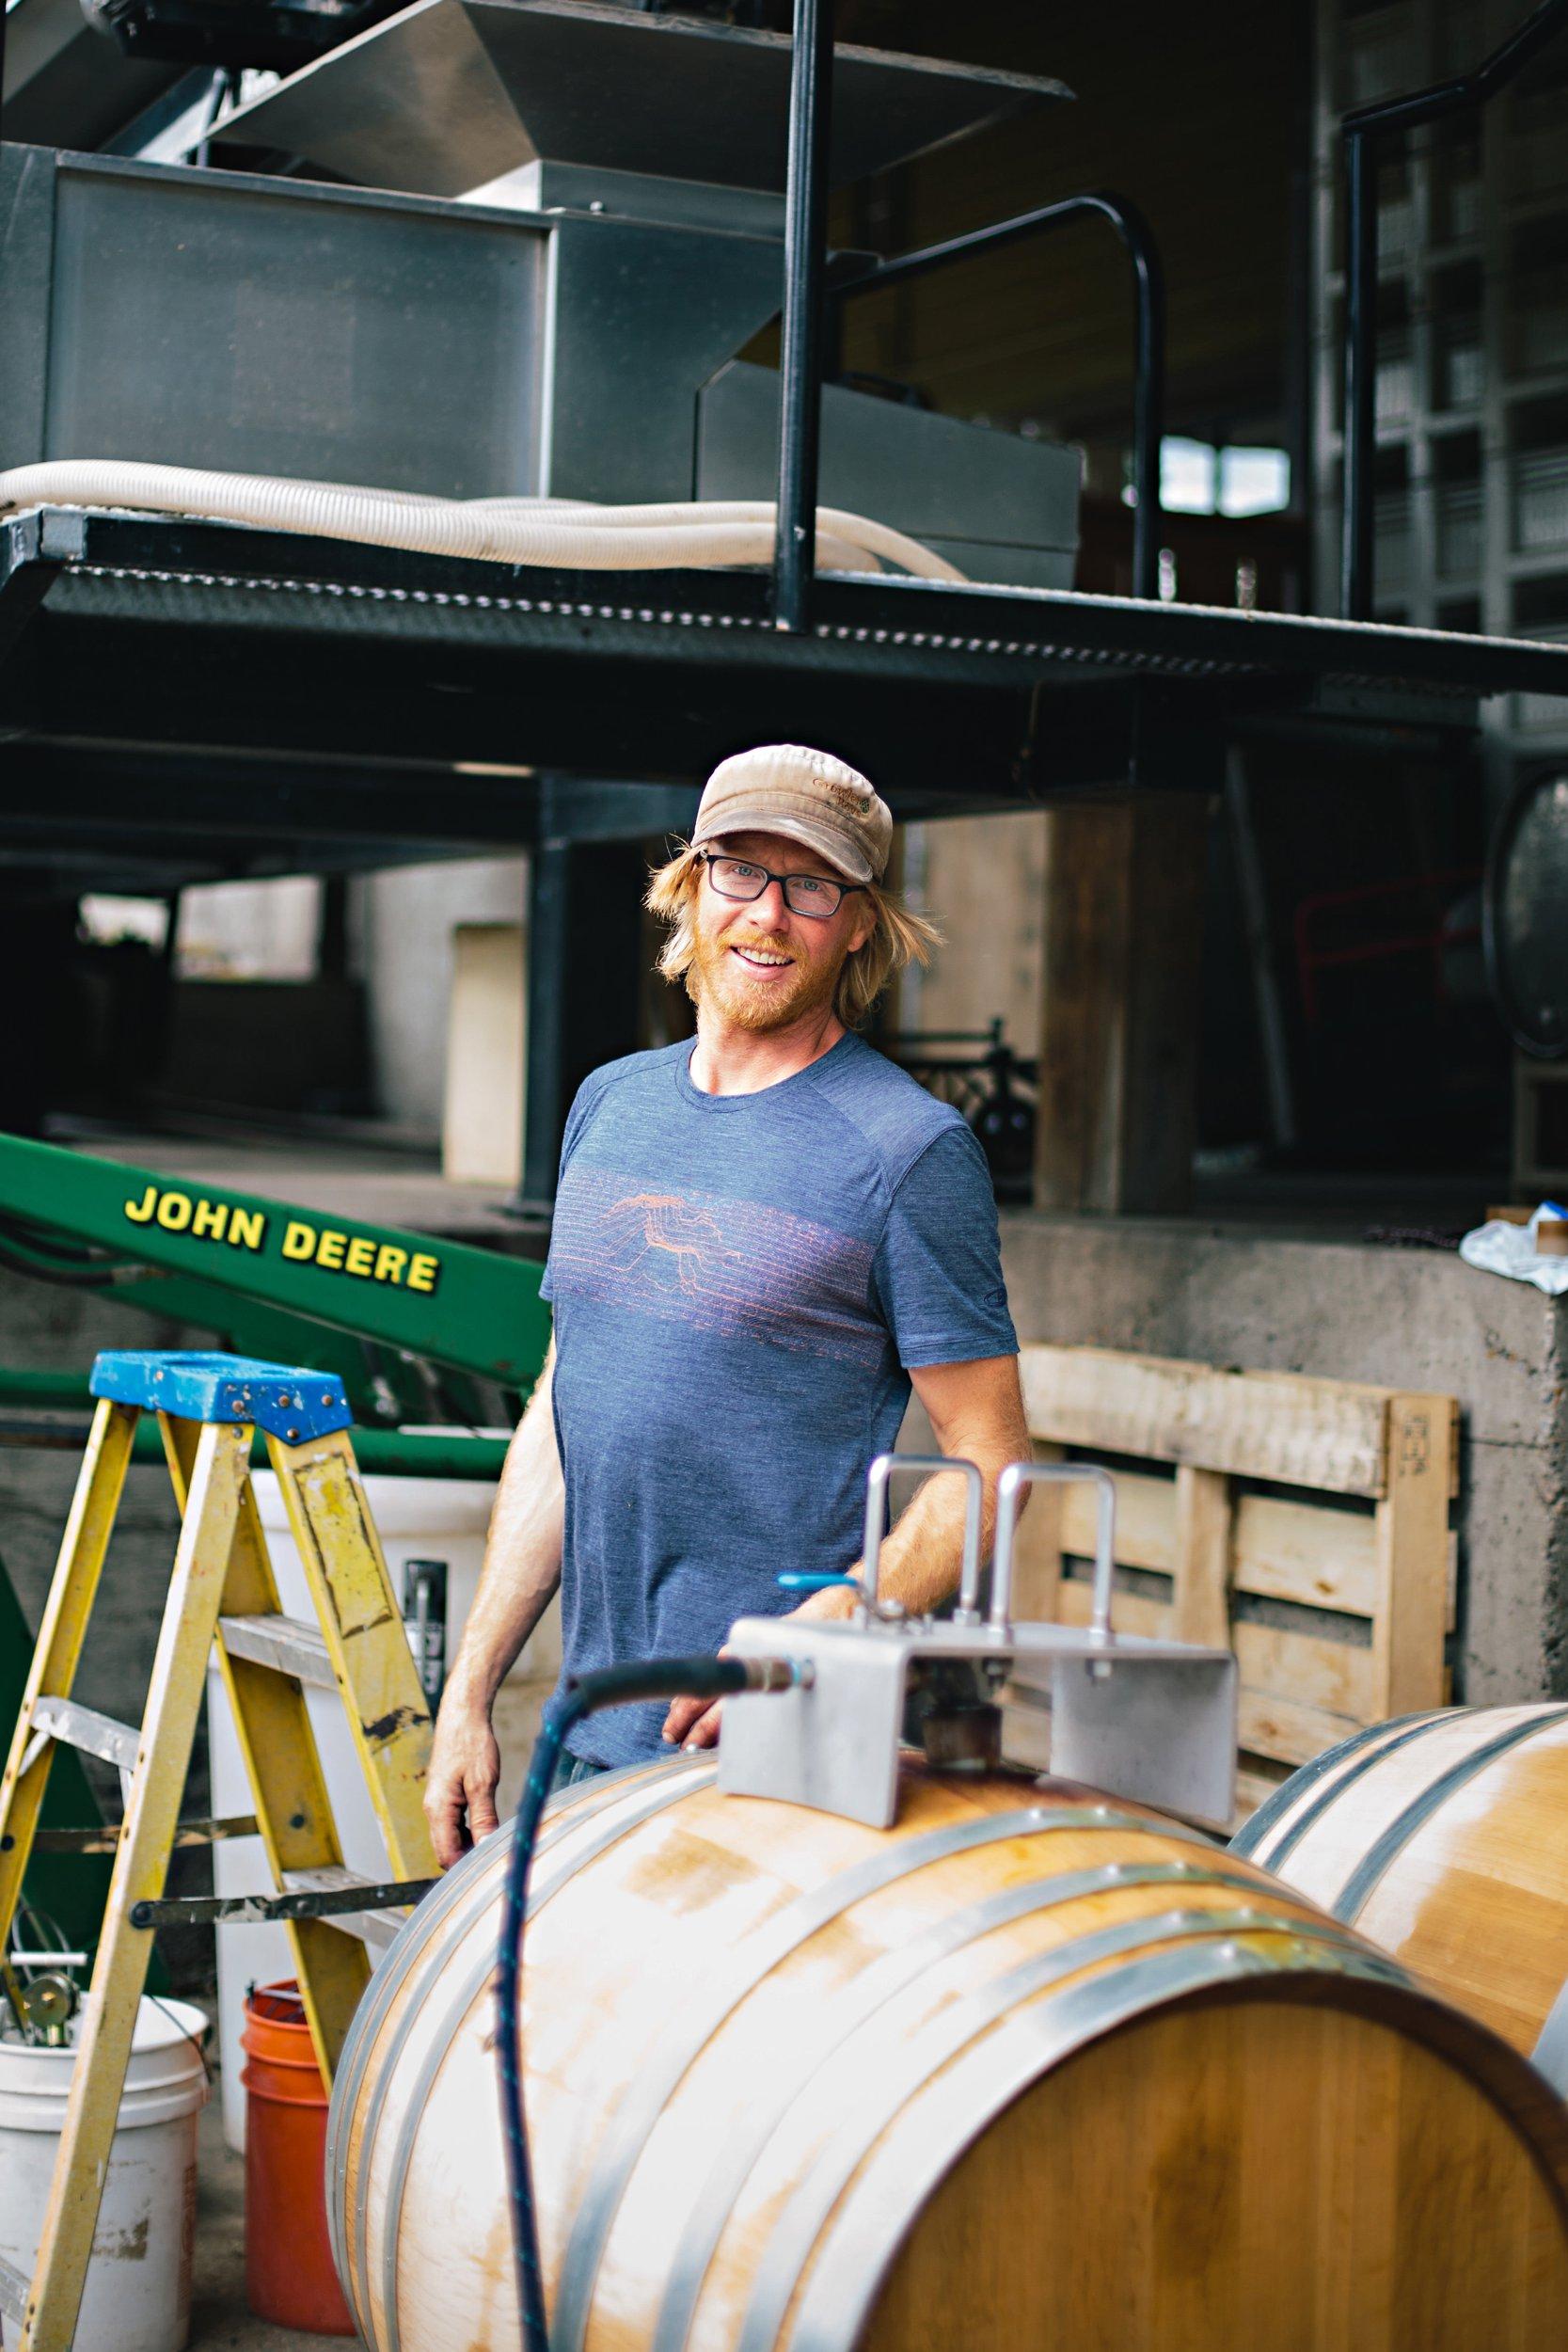 JEFF HAGEN - Arts & Crafts Guy